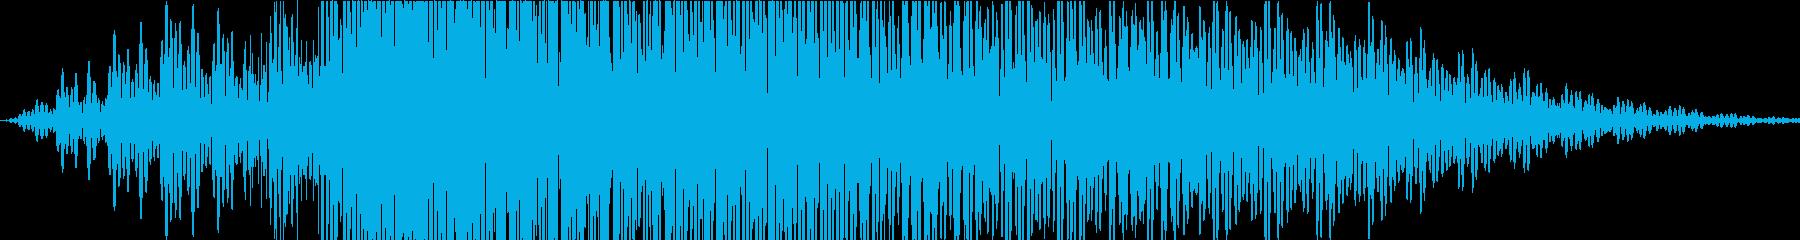 ロボットボイス2の再生済みの波形